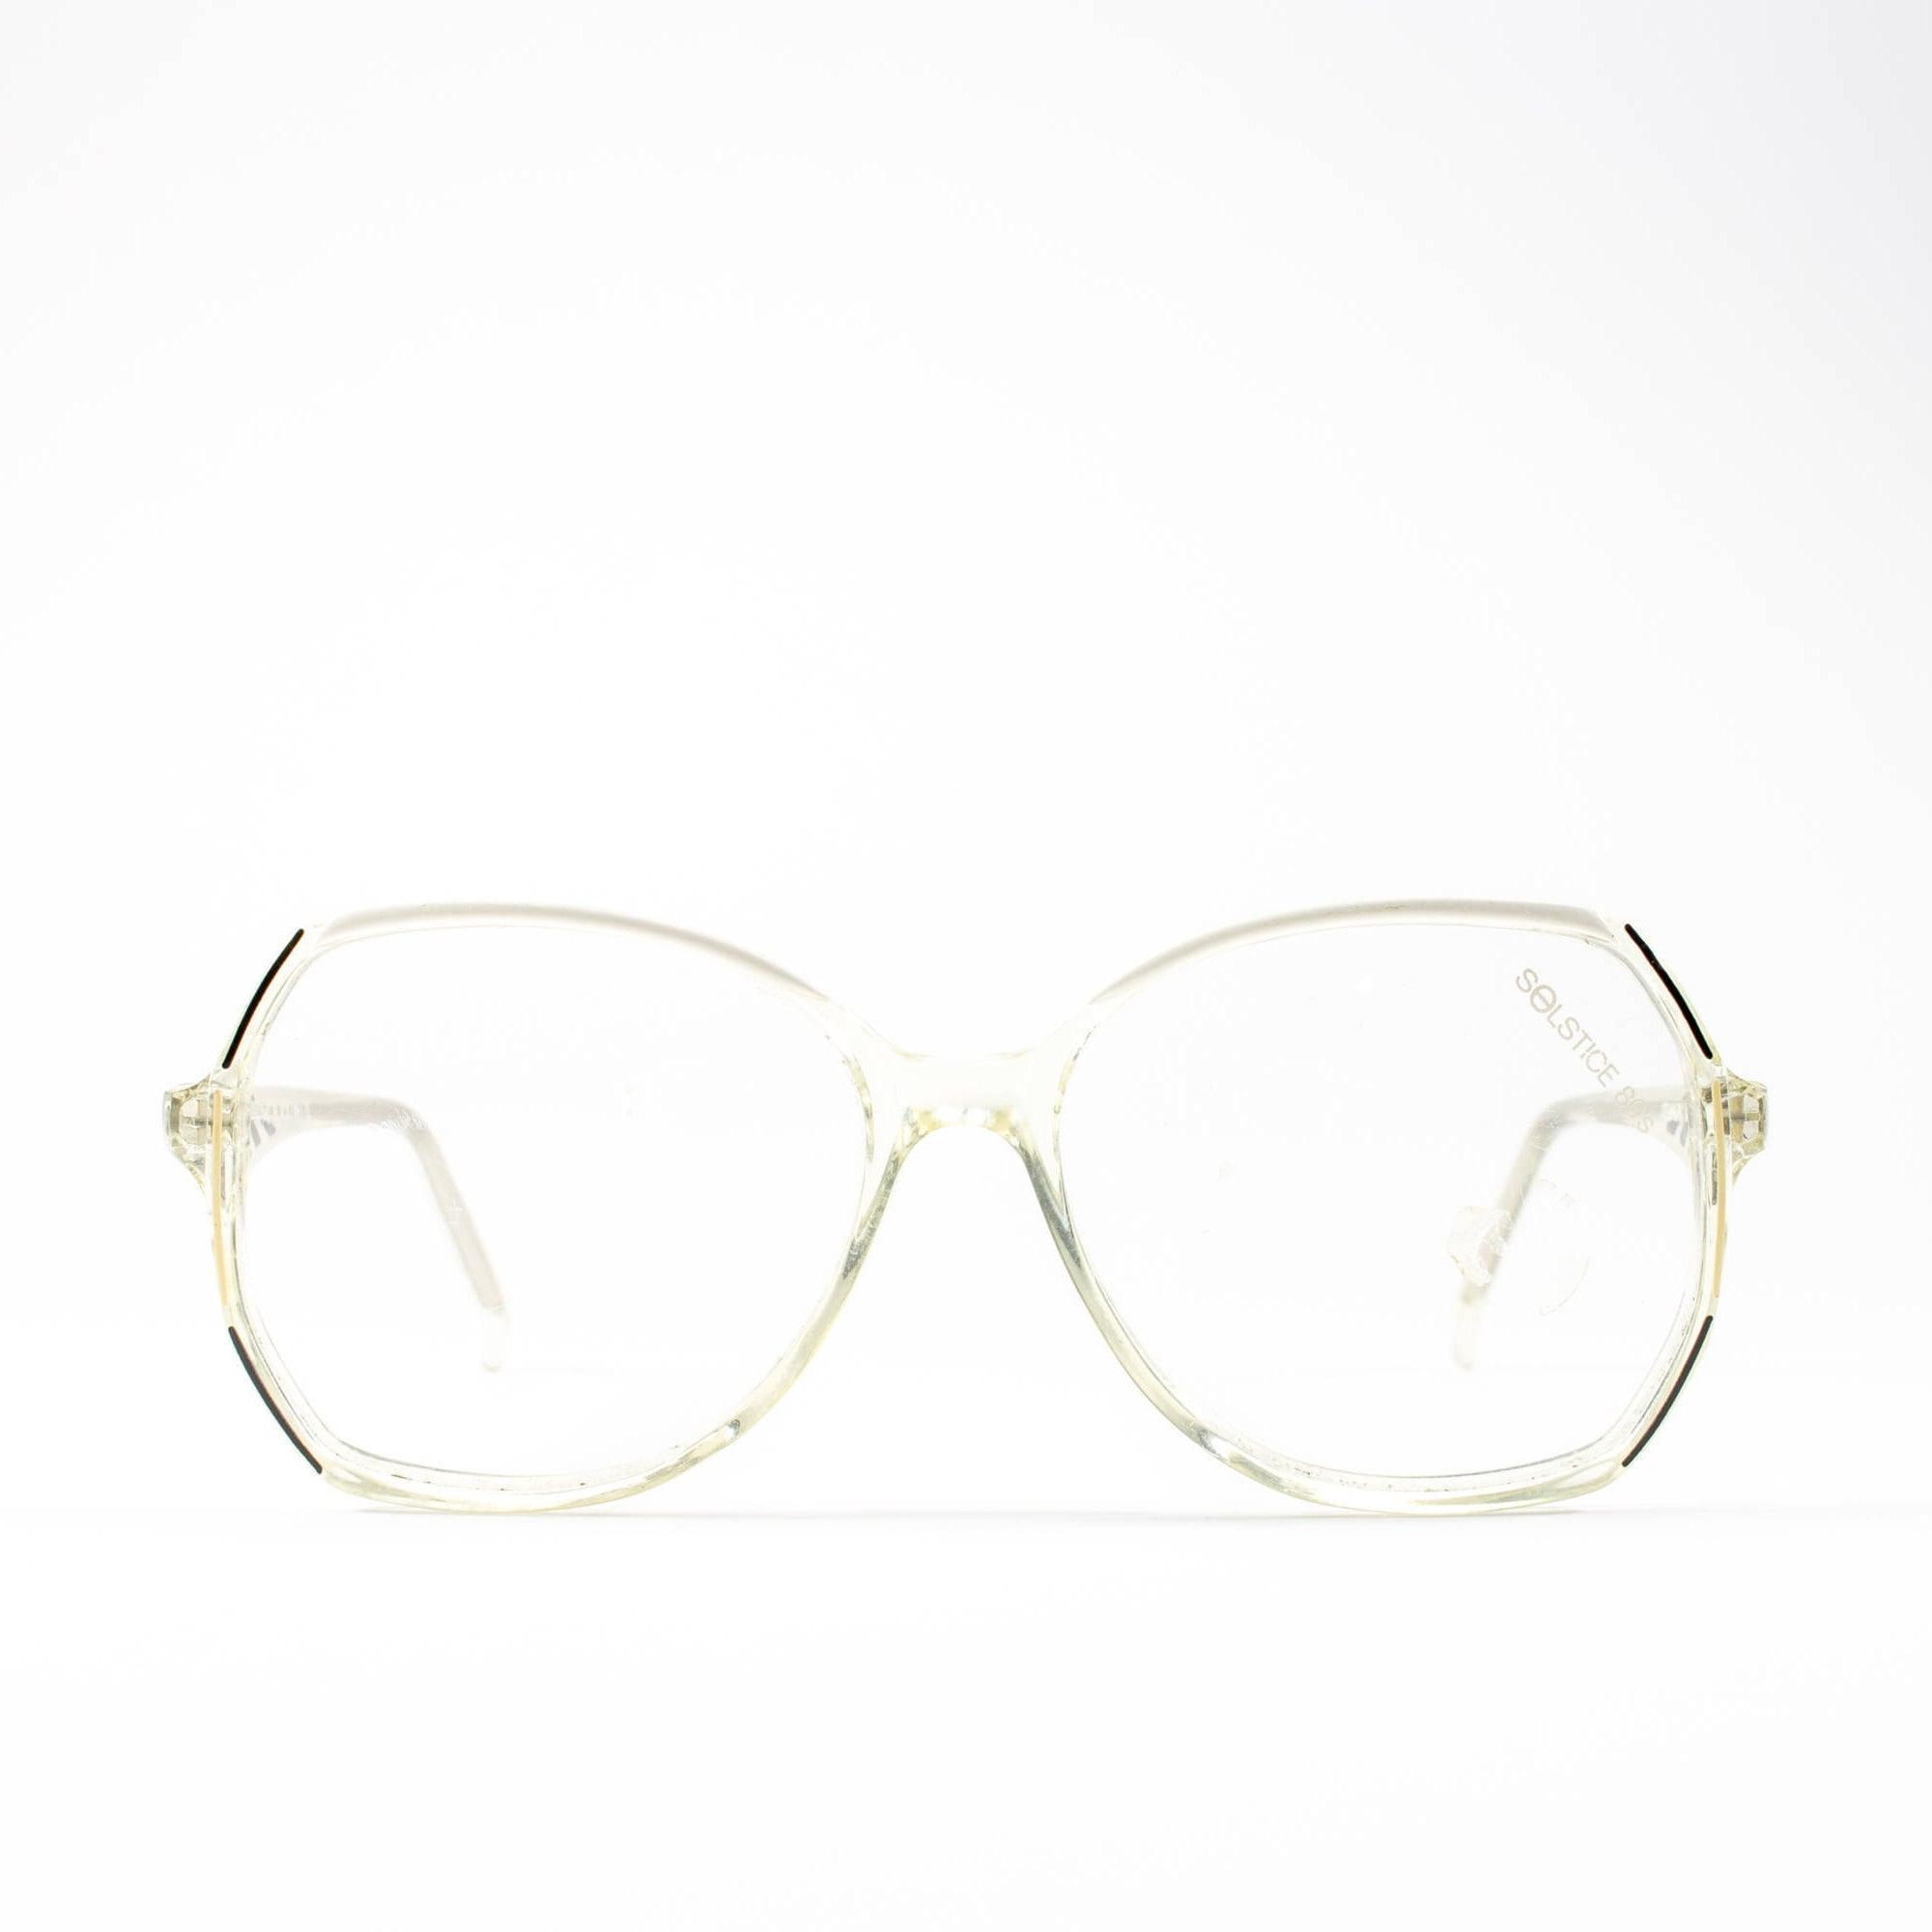 80s Glasses Frames | Vintage 1980s Eyeglasses | Oversized Glasses ...